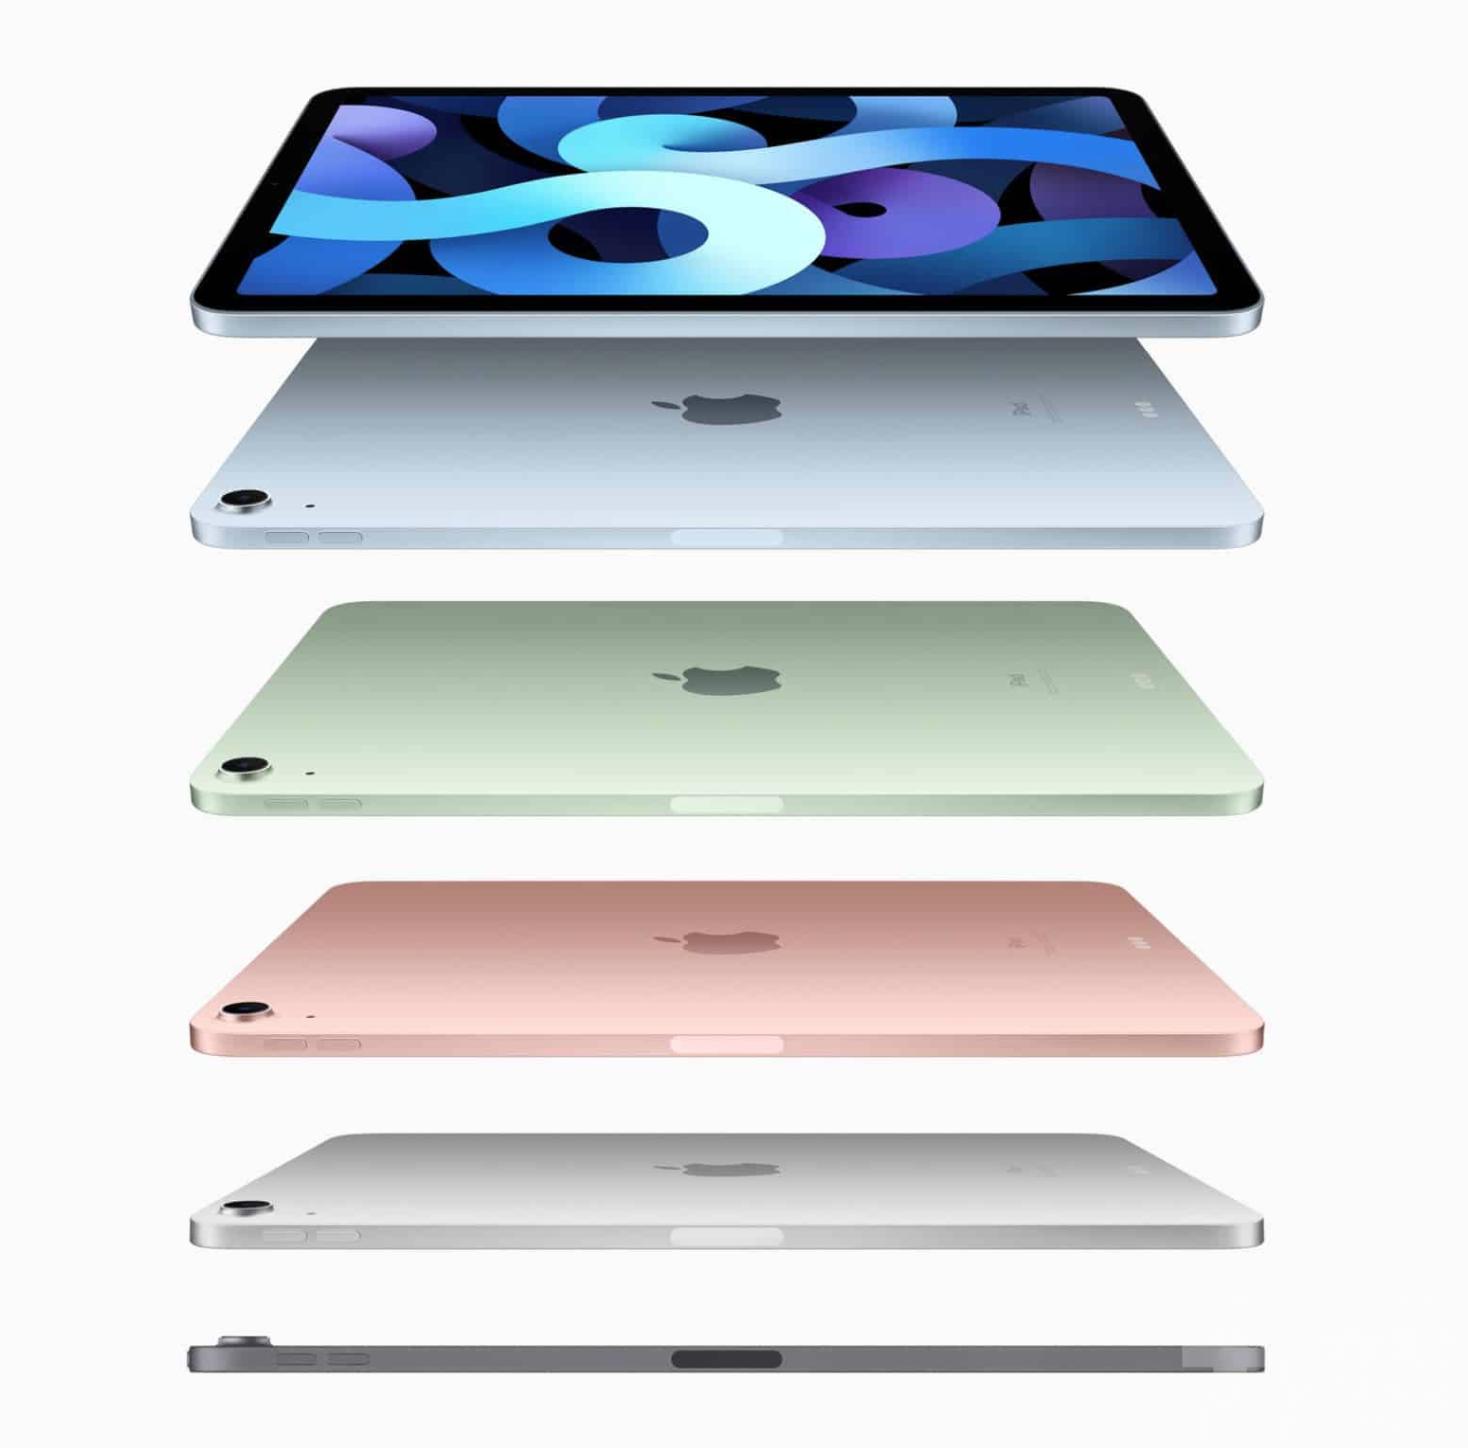 五色iPad Air運算力高四成